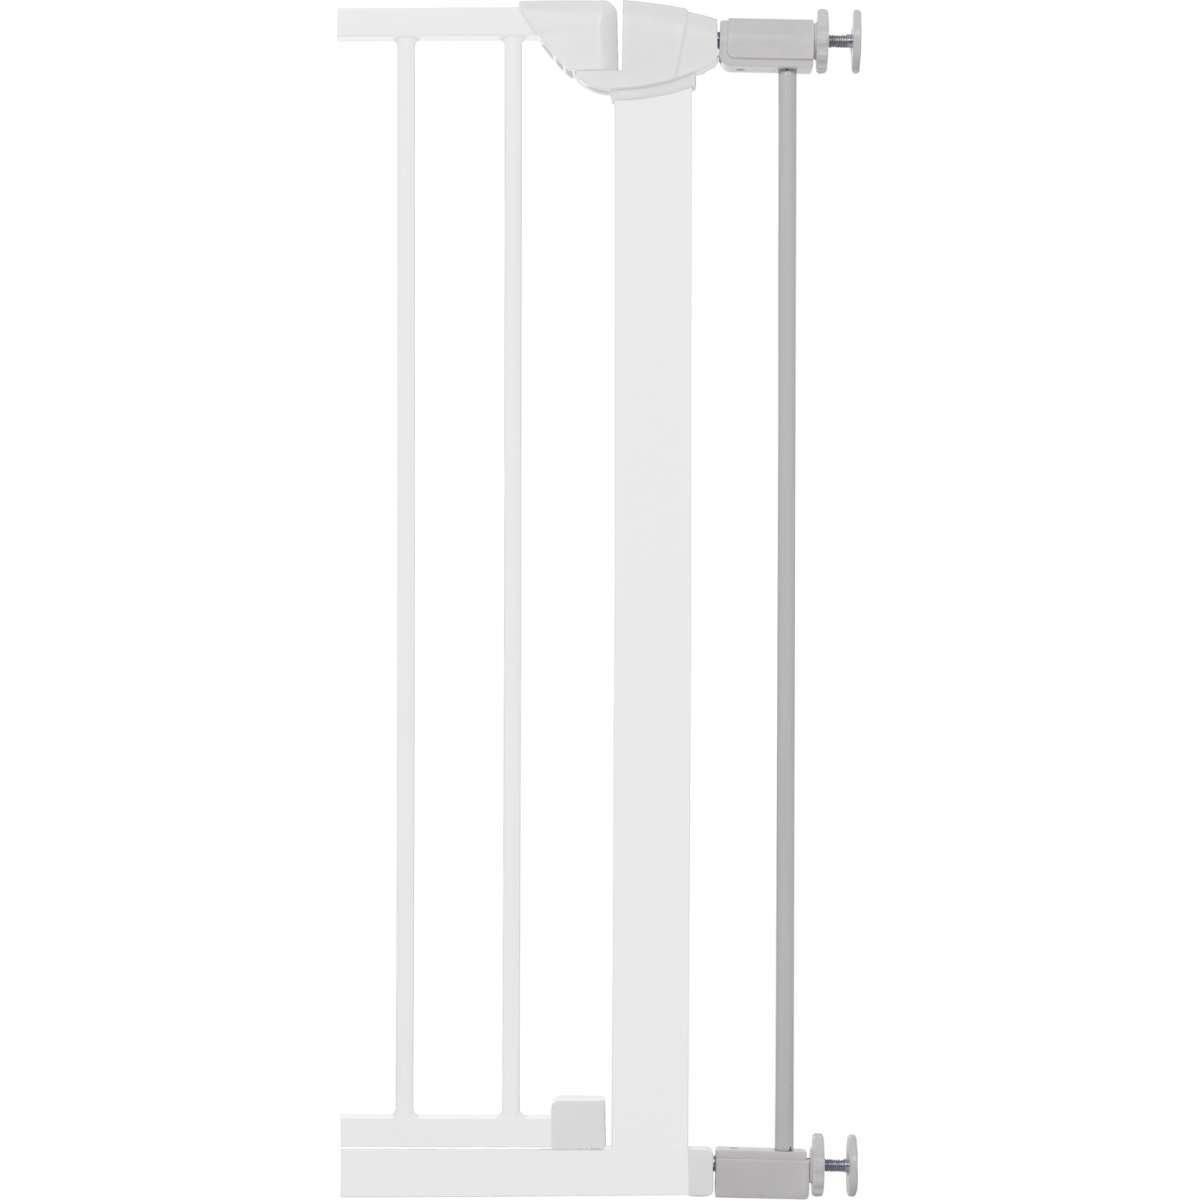 Fillikid Doorgate extension 6 cm Pagarināšana drošības vārtiem